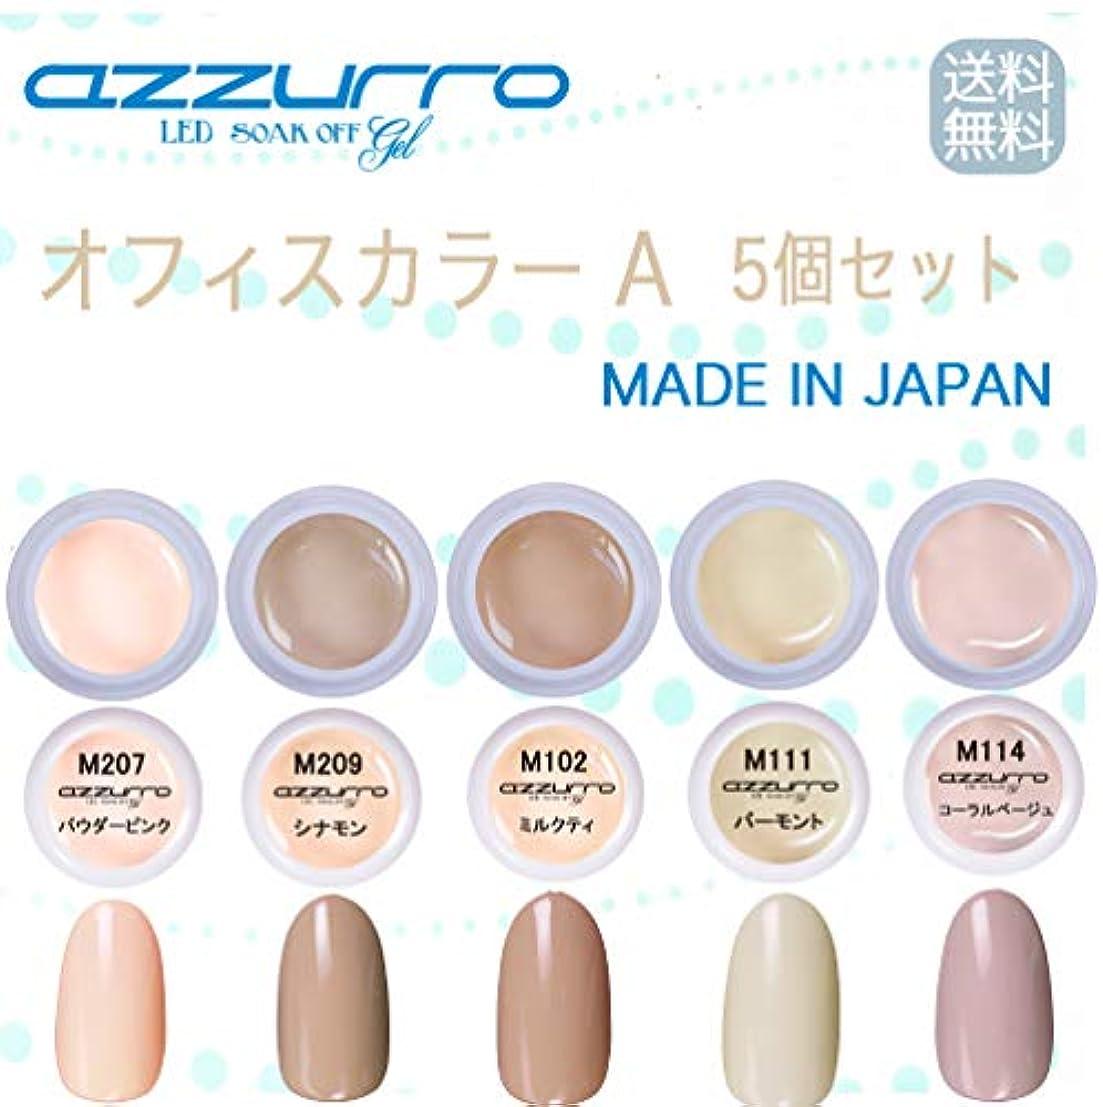 ローブ絶縁する悪魔【送料無料】日本製 azzurro gel オフィスカラージェルA5個セット オフィスでも人気のカラーをセット